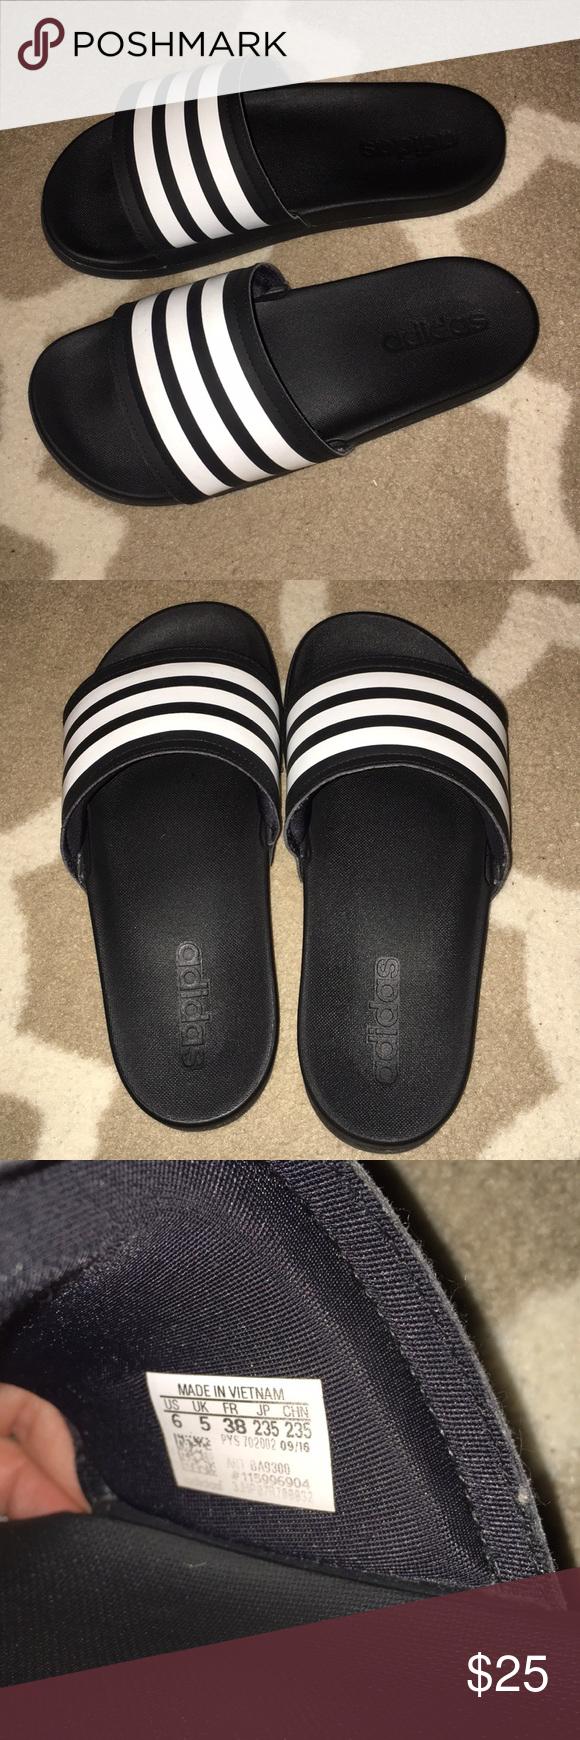 Adidas Slides Size 6 but run big a56129197